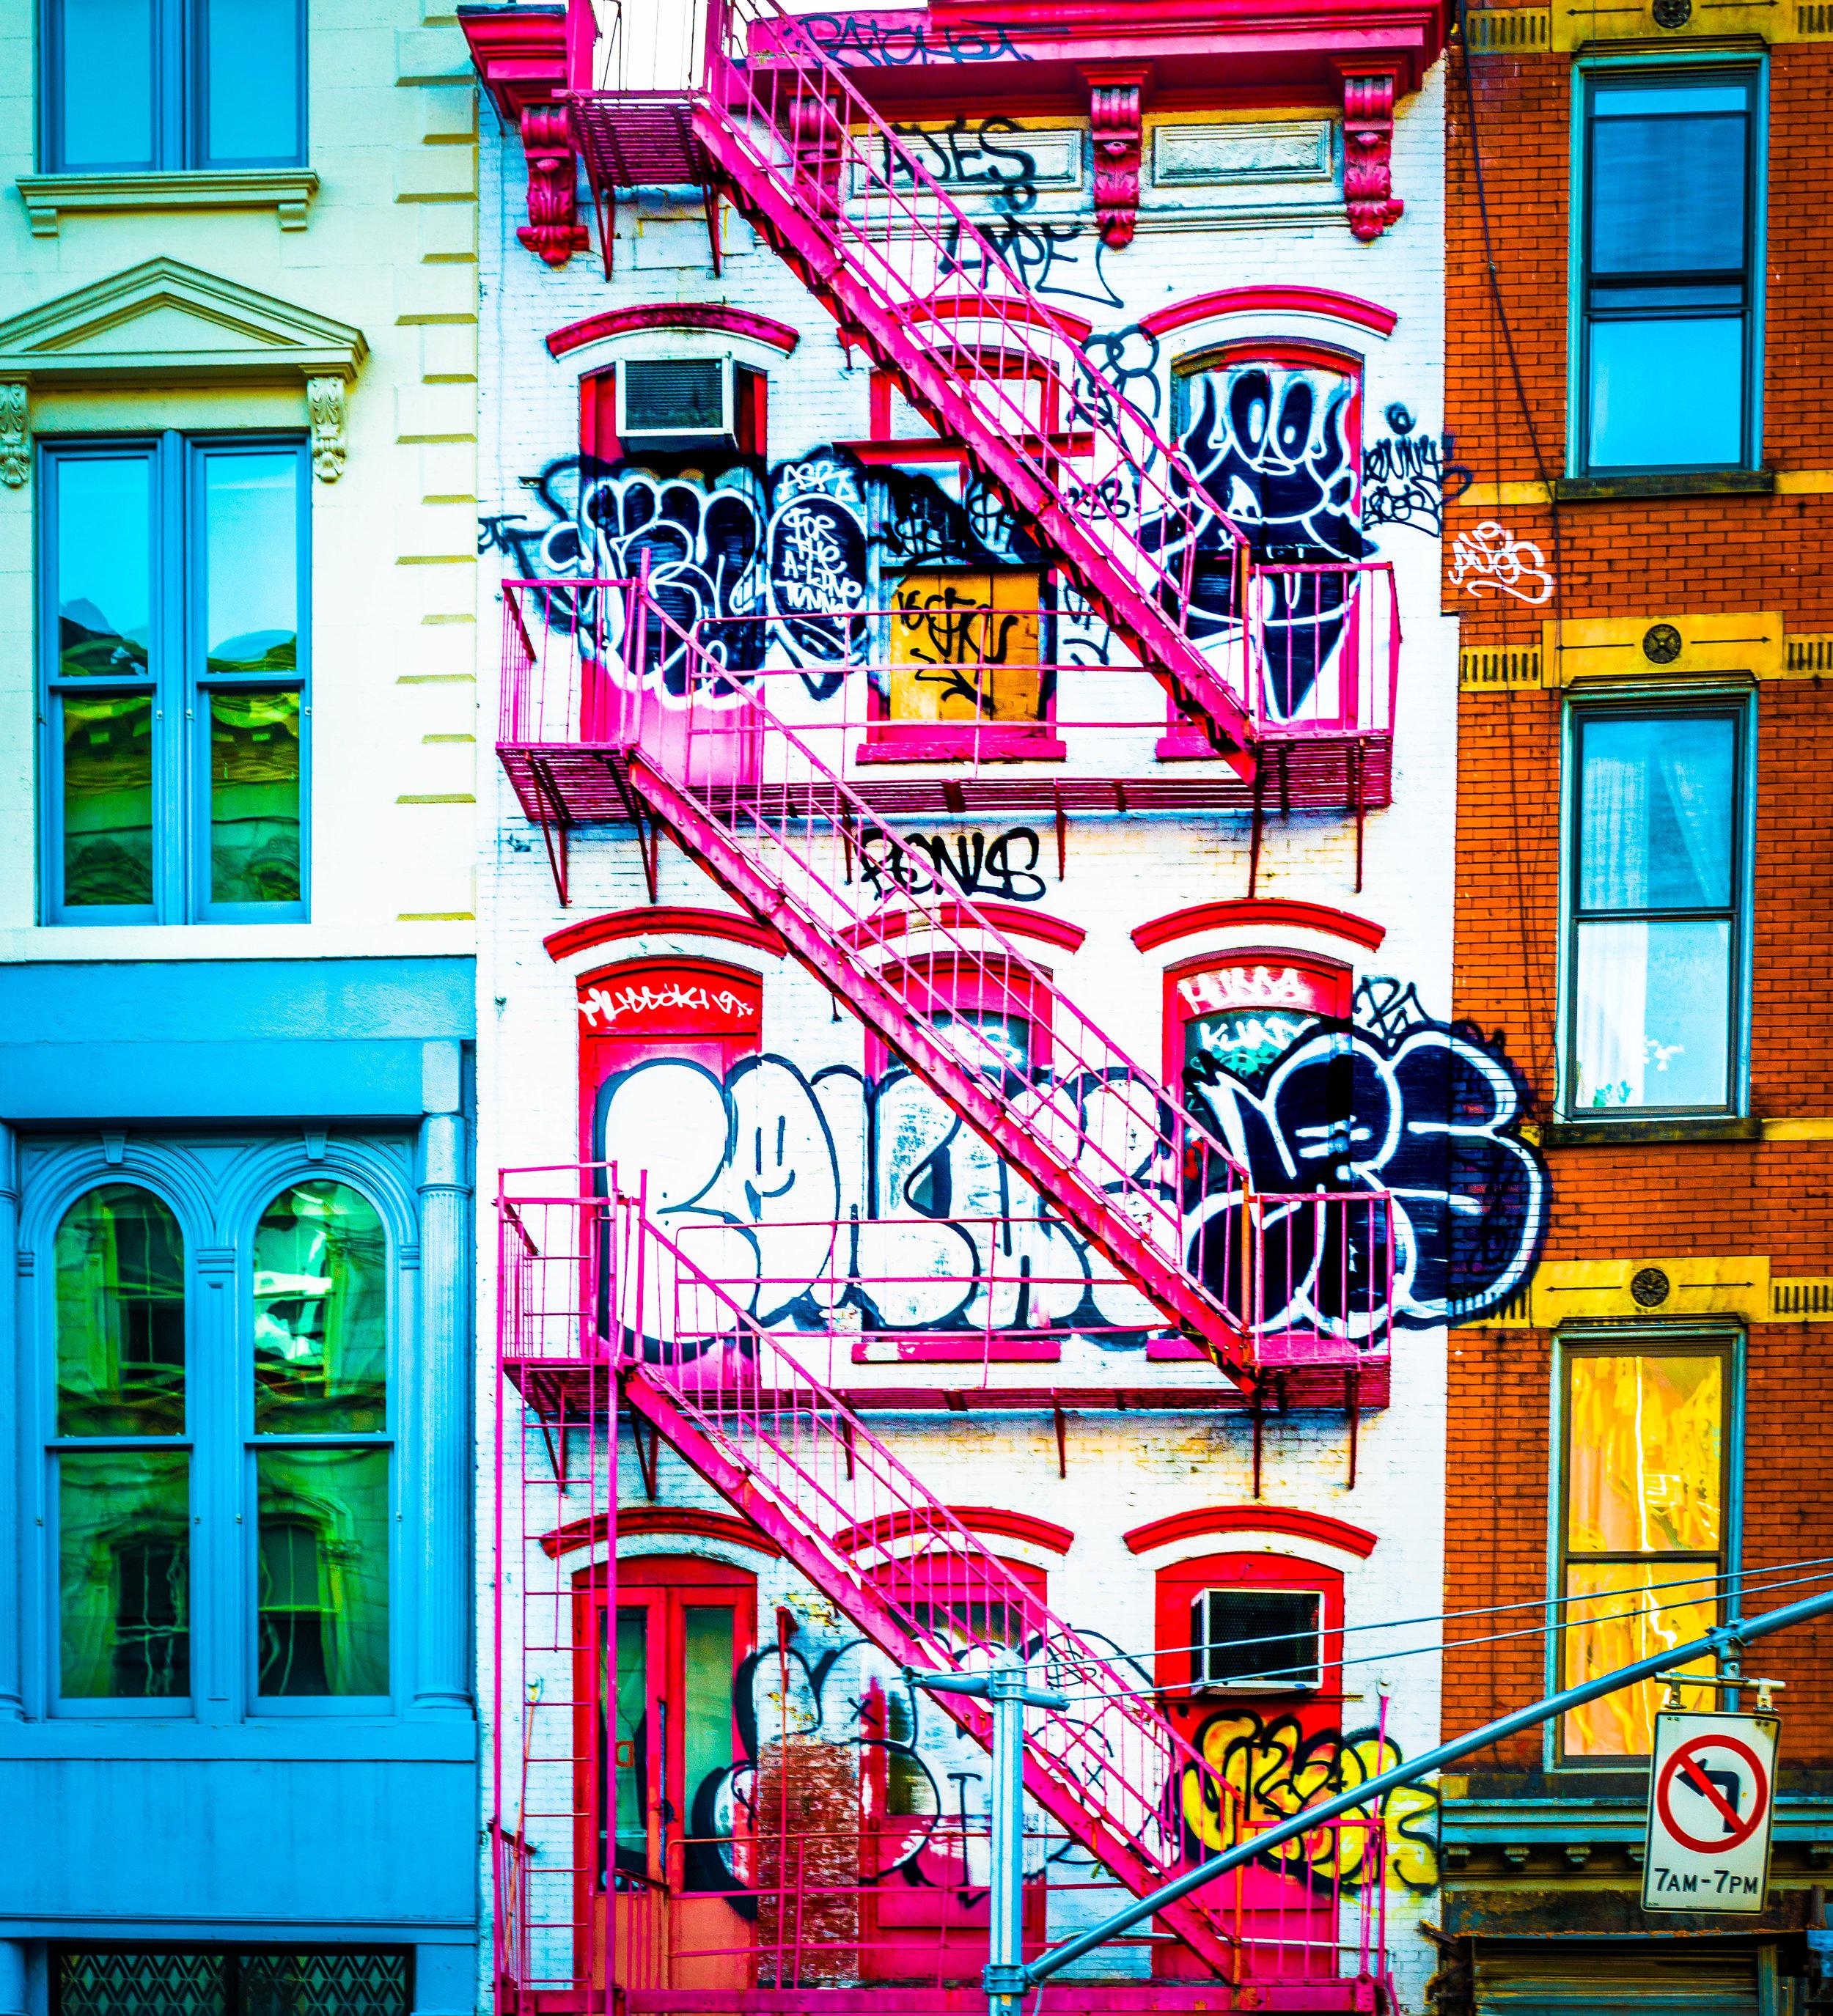 Chinatown, New York, New York